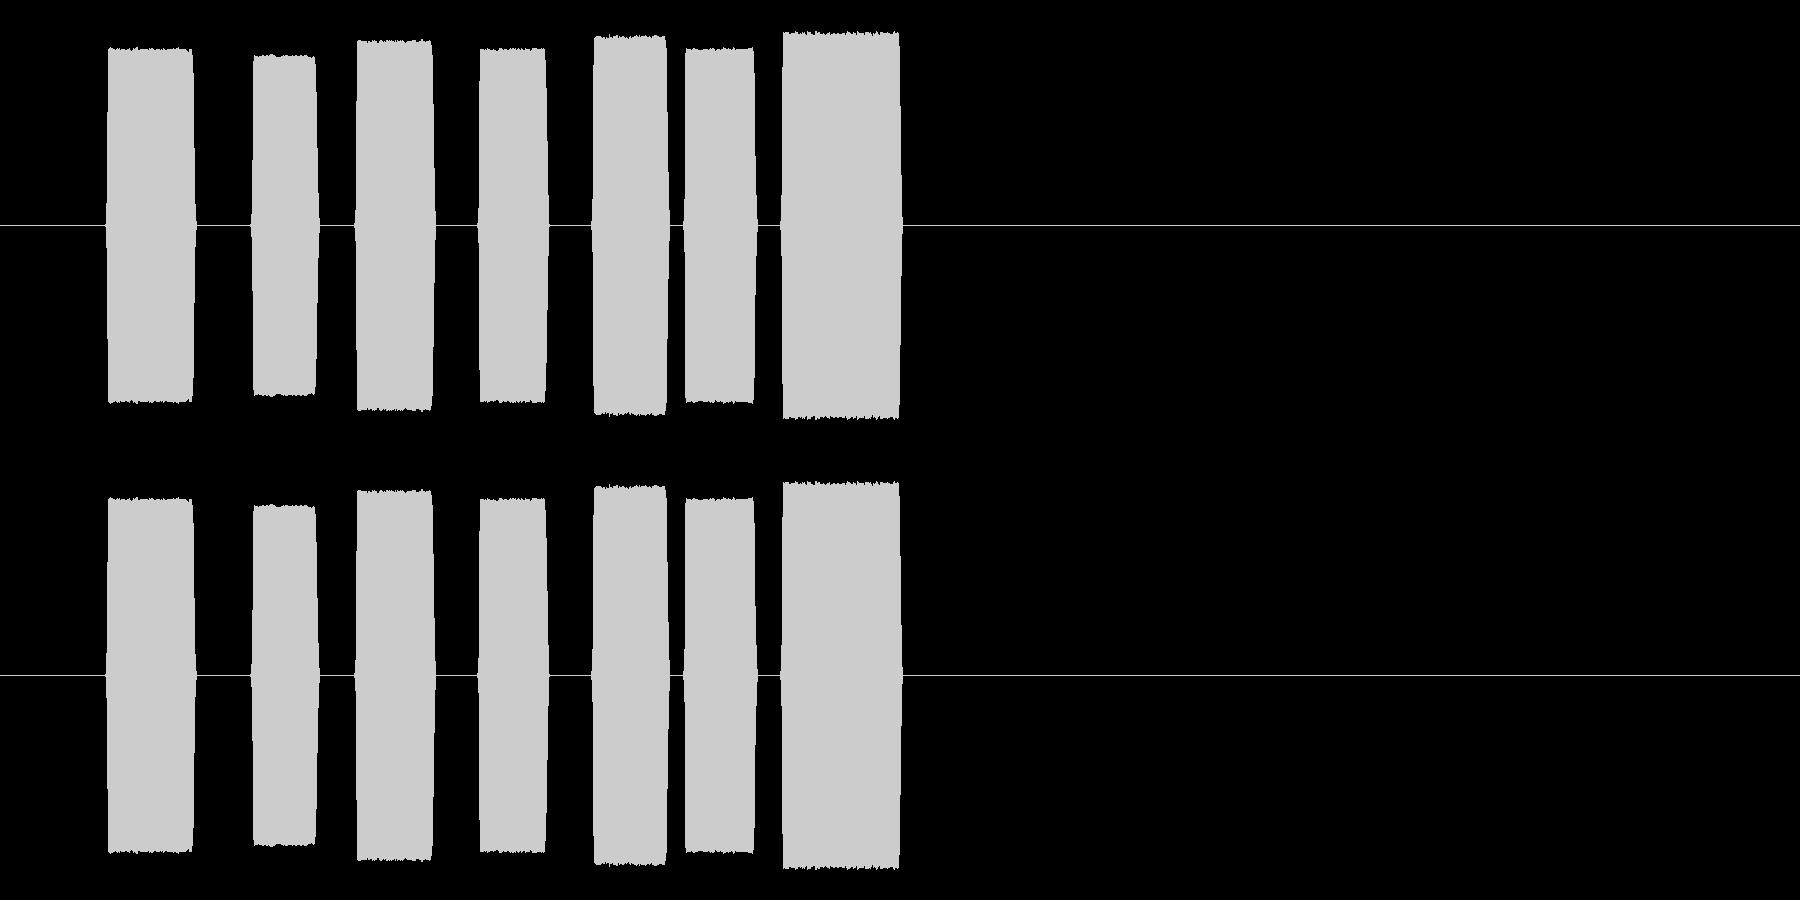 ポポパポピポパの未再生の波形